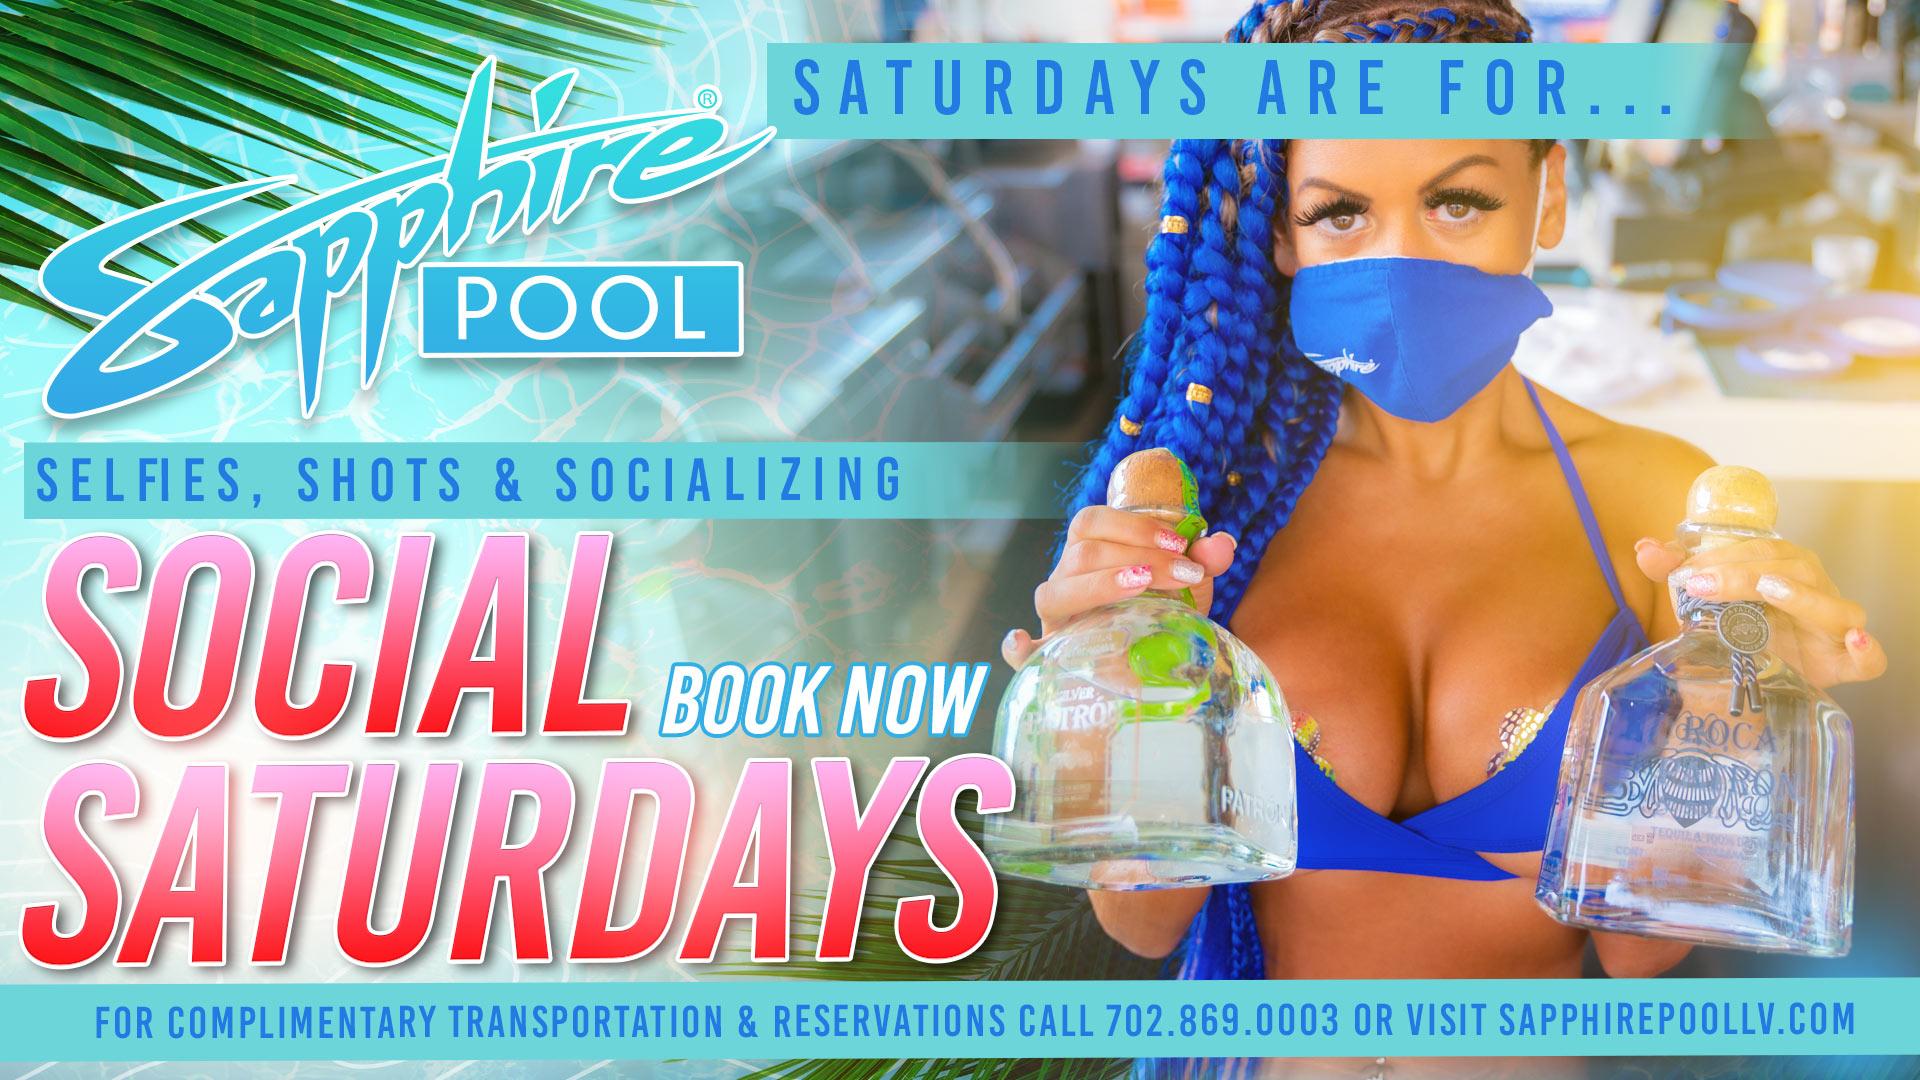 Social Saturdays – June 26th – Poolside in LV